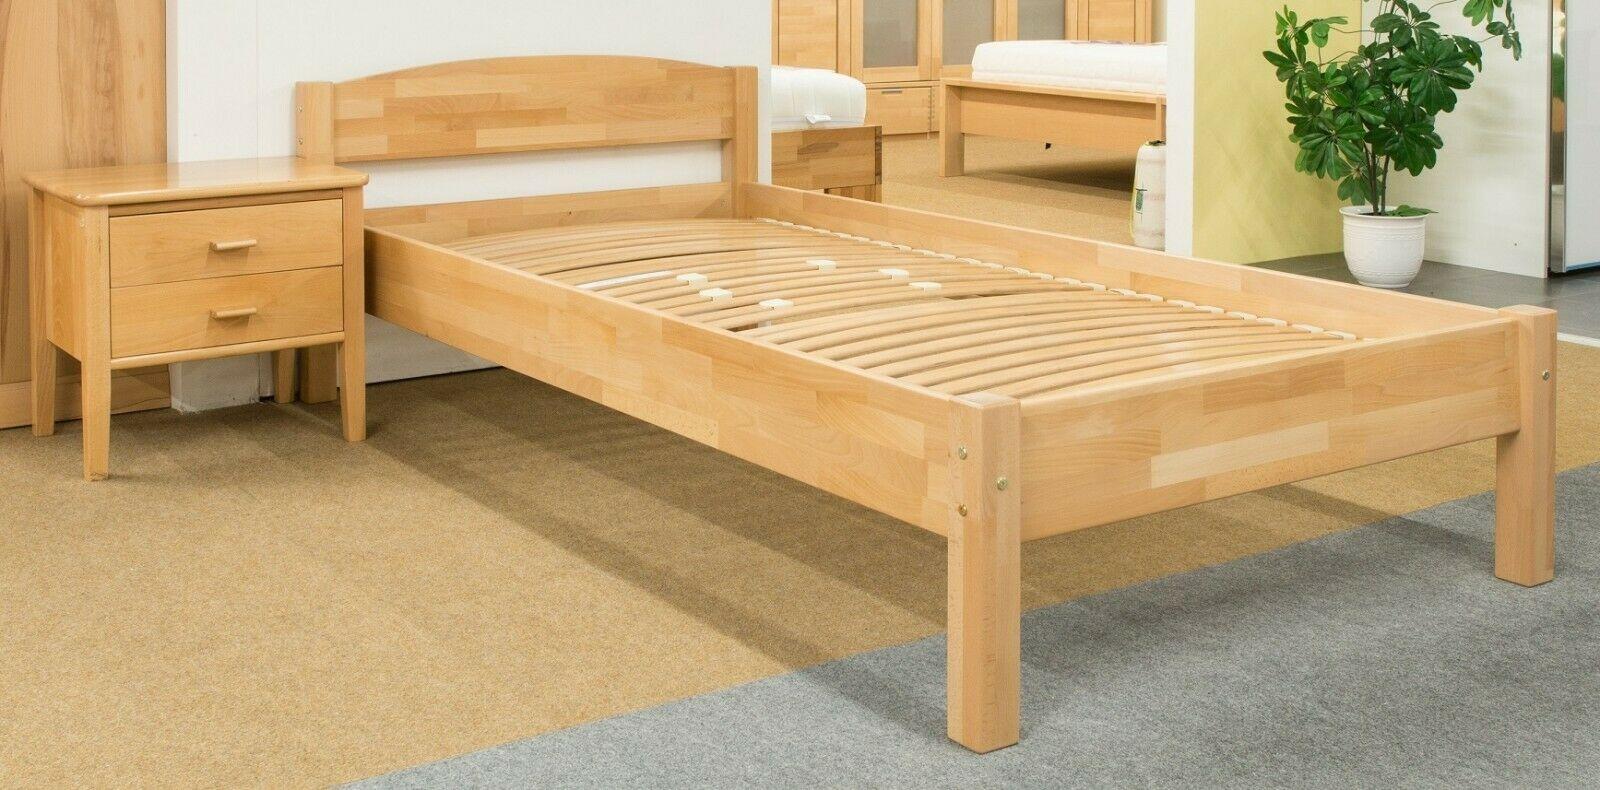 Full Size of Betten 90x200 Bett Mit Bettkasten Weiß Schubladen Lattenrost Weißes Kiefer Und Matratze Wohnzimmer Seniorenbett 90x200